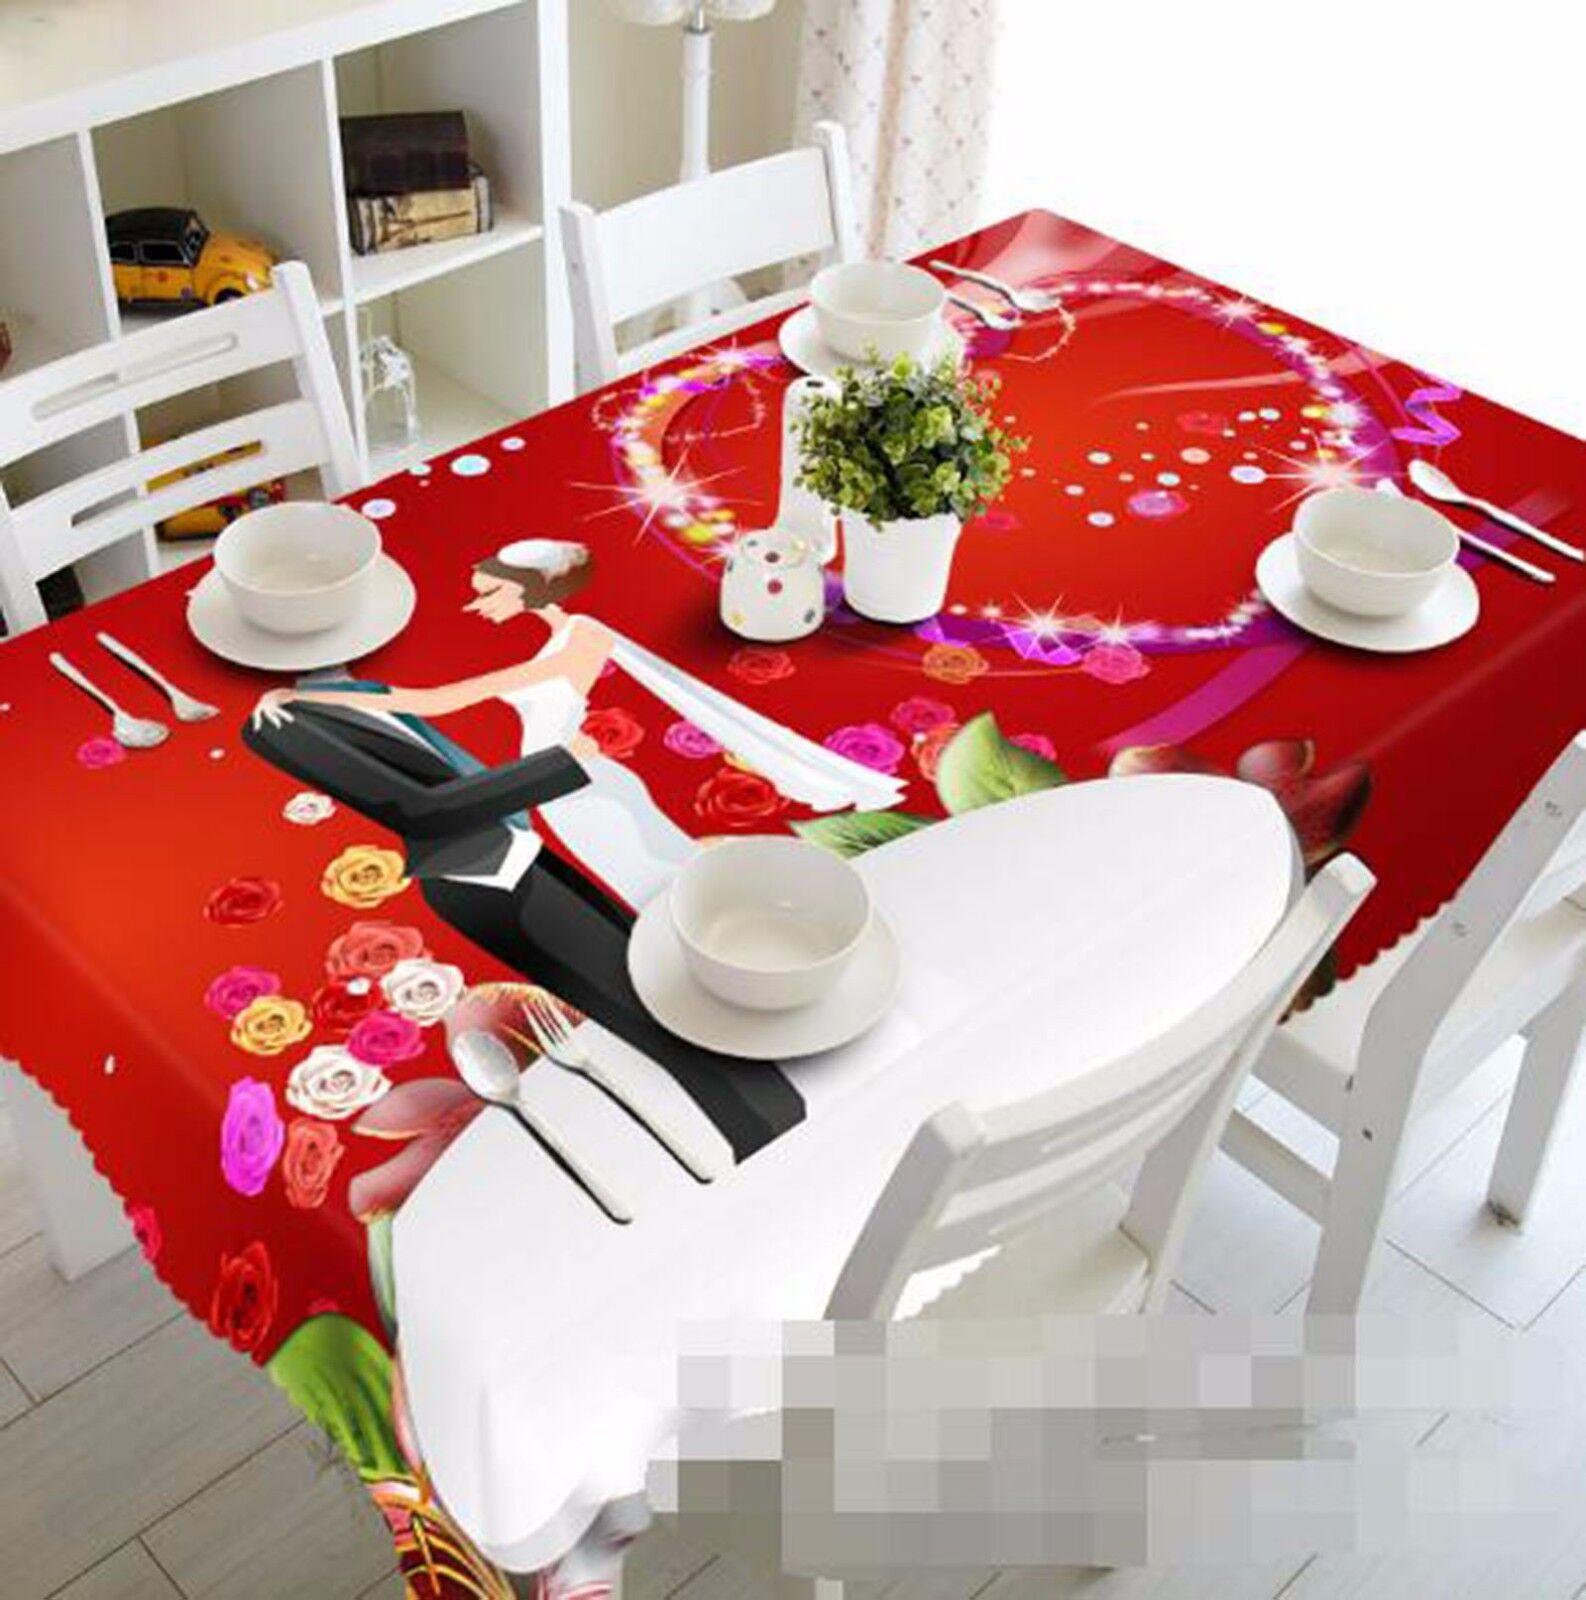 3D CARICATURE 417 Nappe Table Cover Cloth fête d'anniversaire AJ papier peint Royaume-Uni Citron